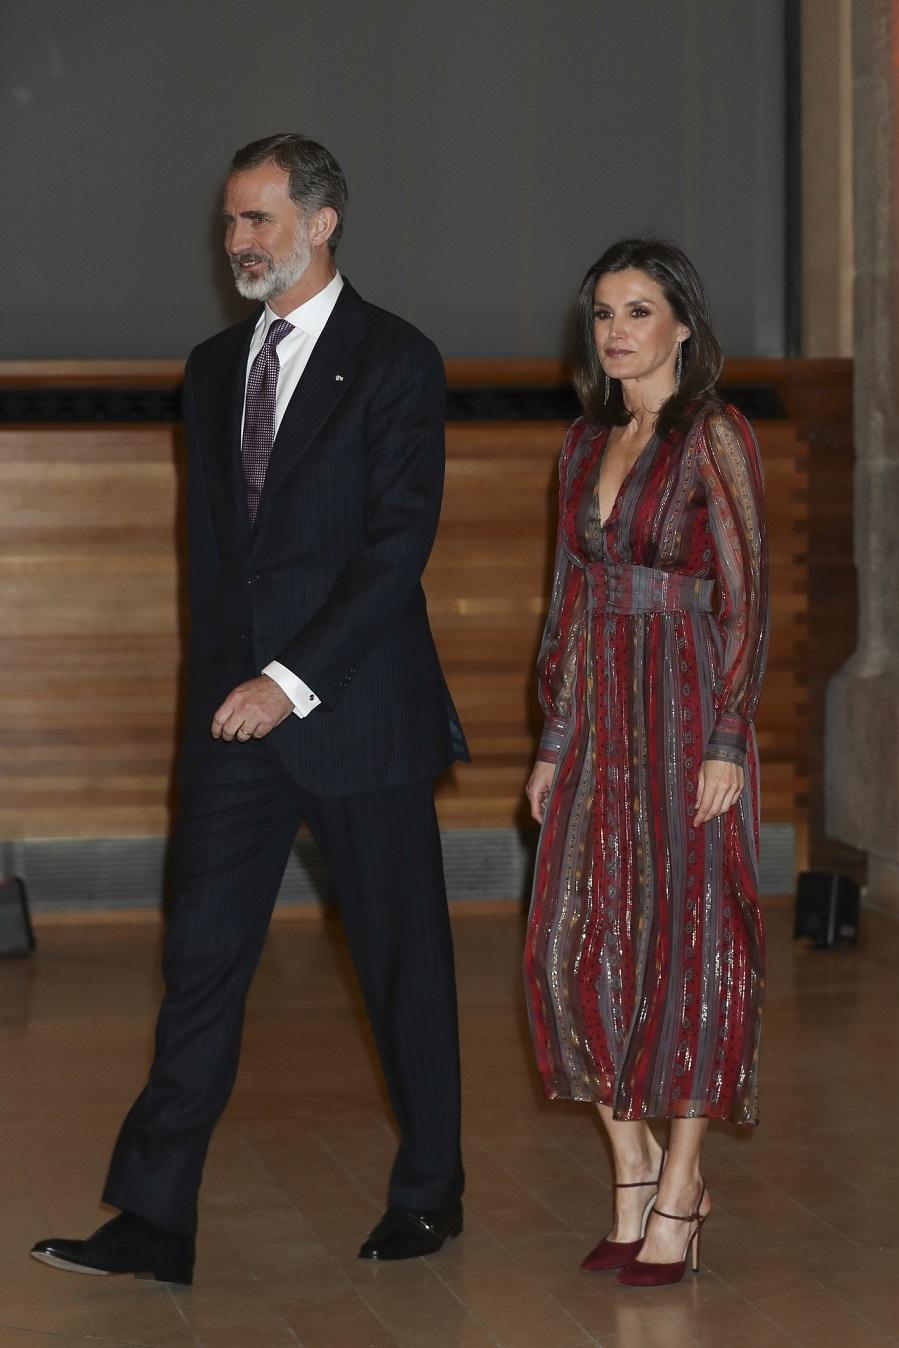 La Reina ha elegido un vestido en tonos granates y con hilos plateados...